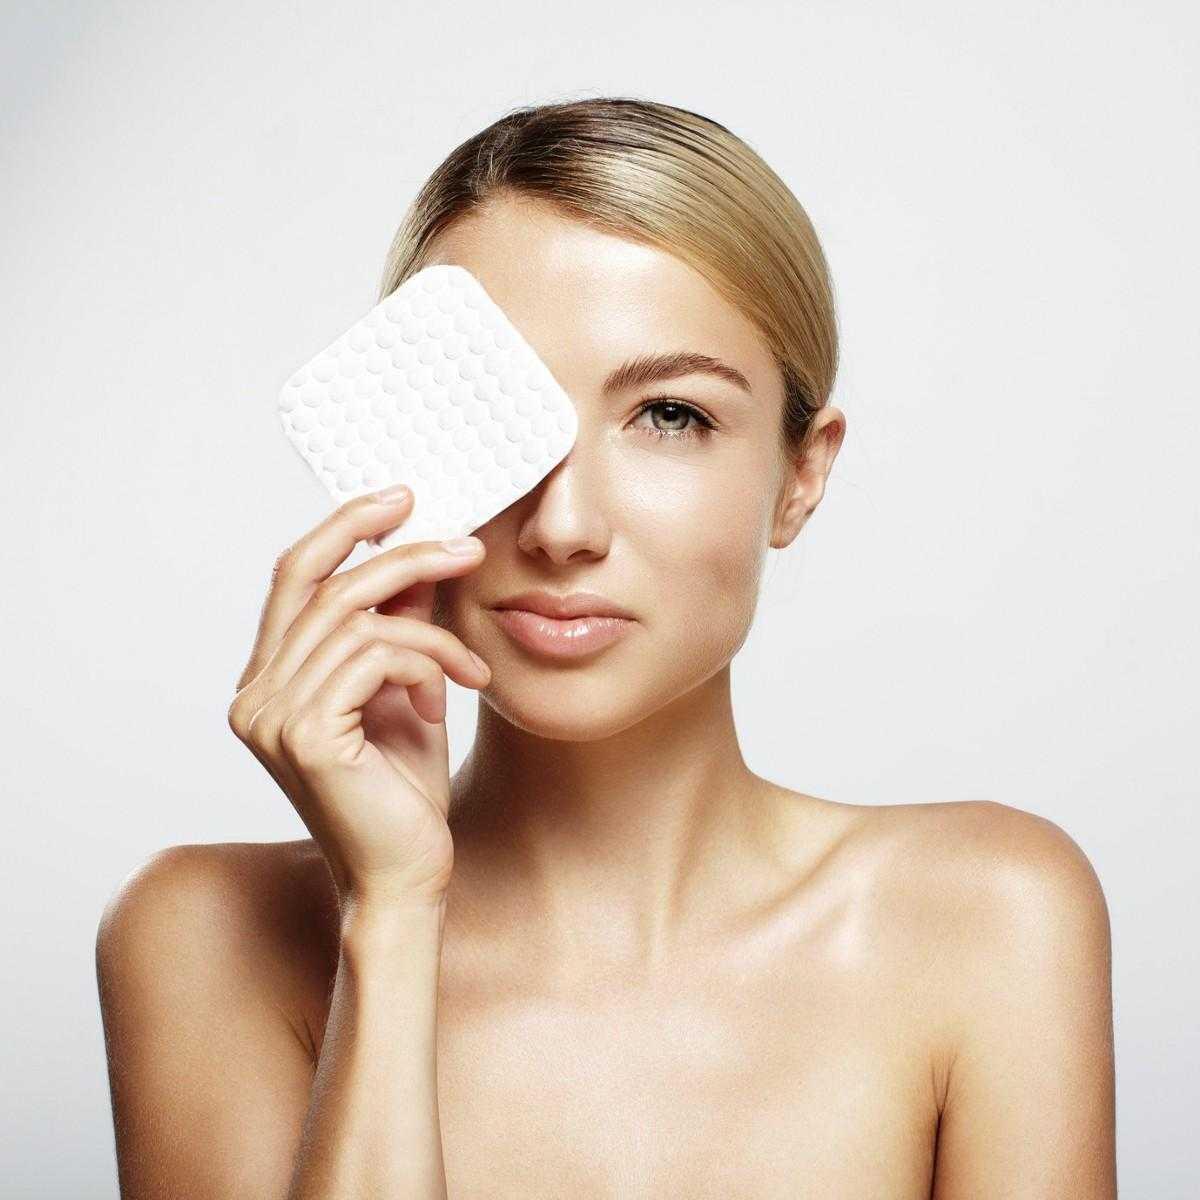 Как избавиться от жирной кожи на лице: обзор эффективных средств и способов